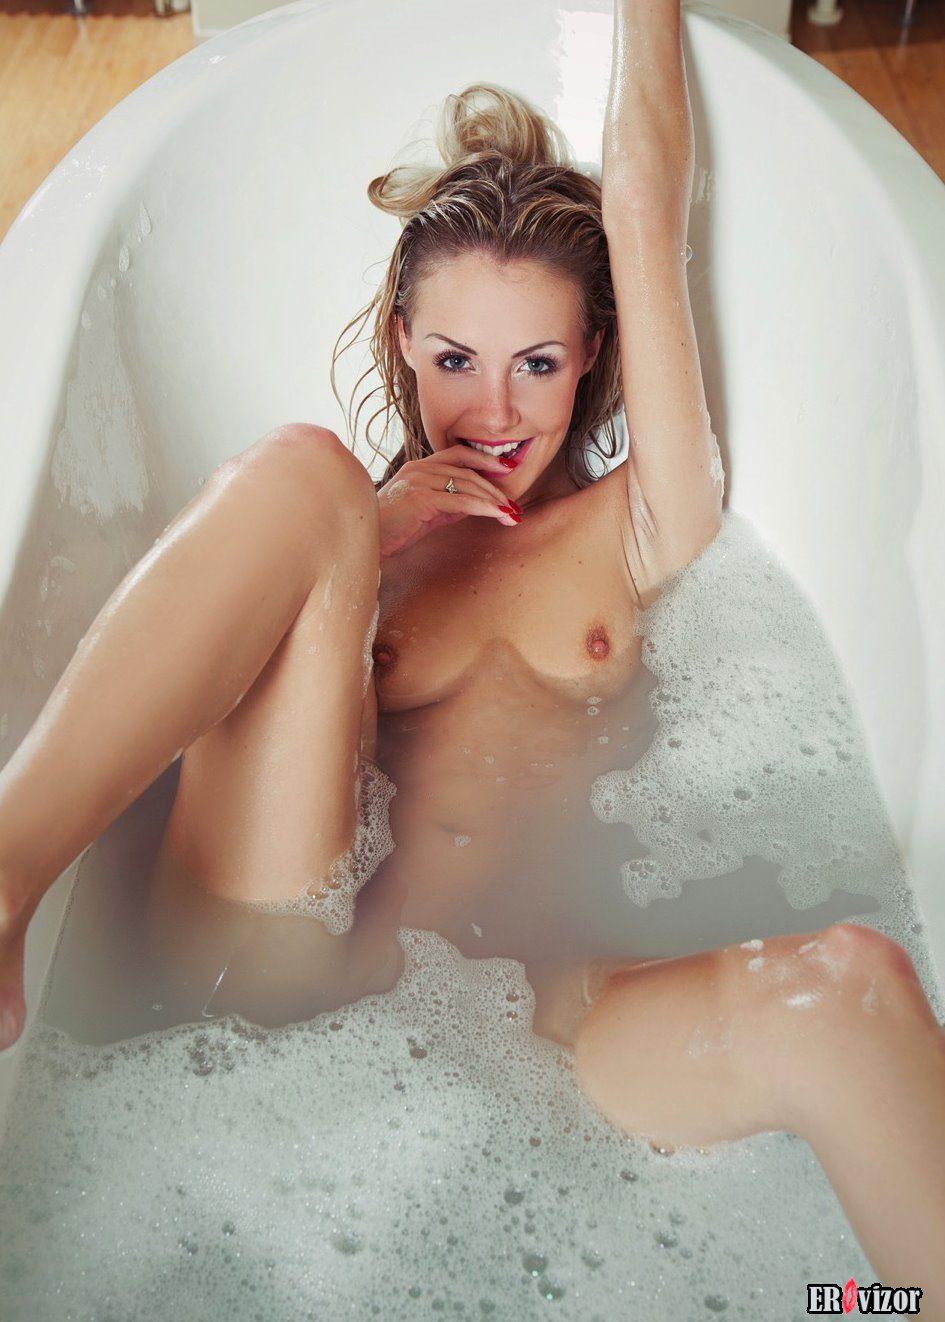 Голые девушки в ванной